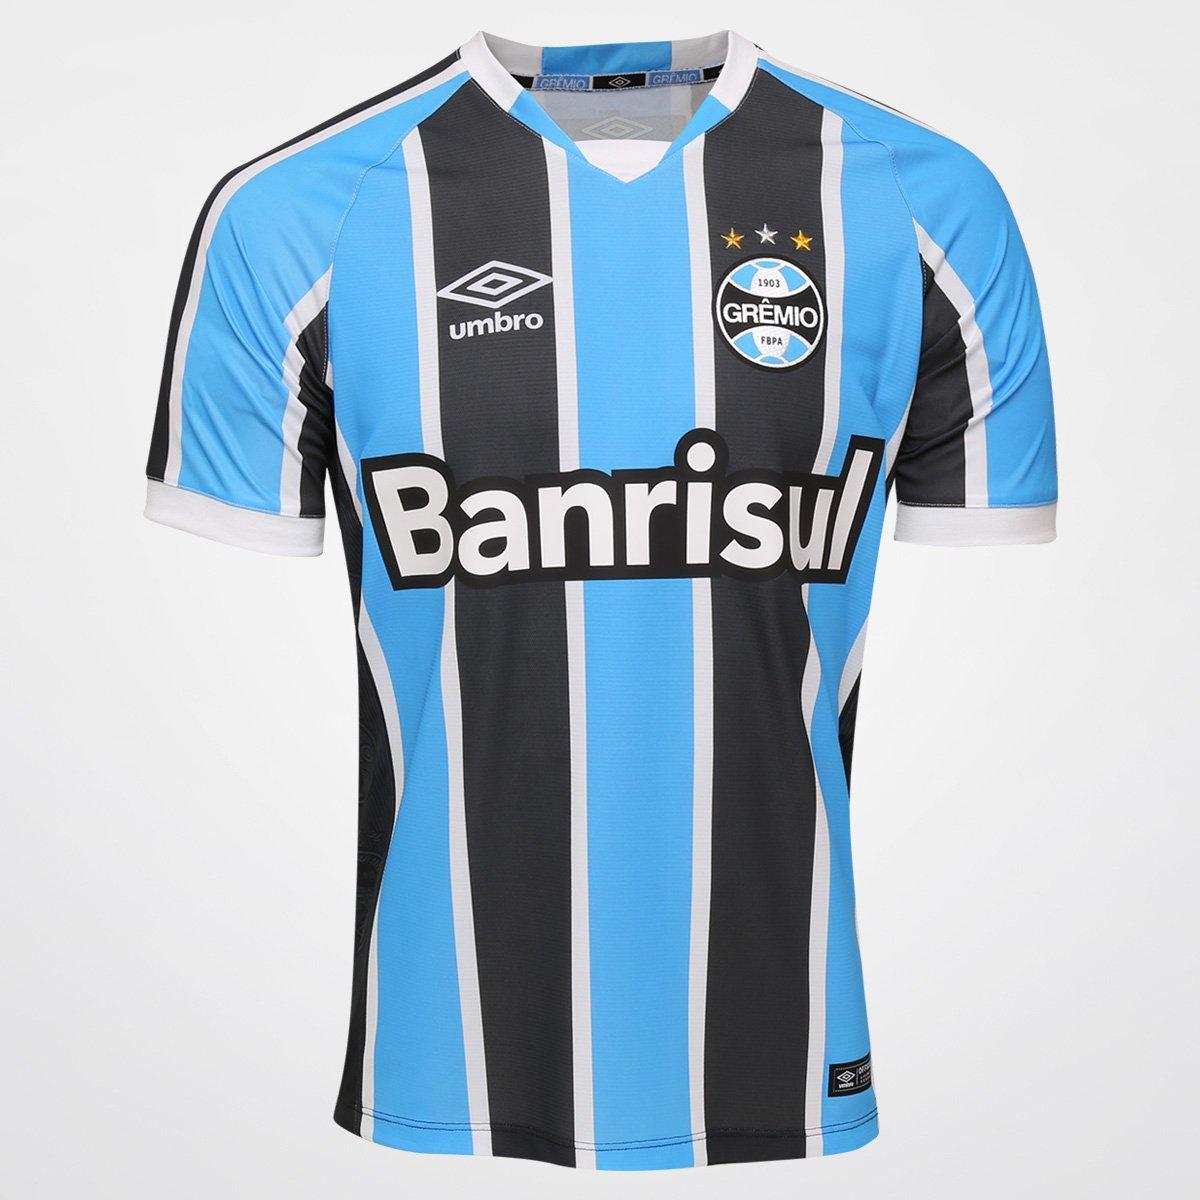 Camisa Grêmio I 2016 s nº Torcedor Umbro Masculina - Compre Agora ... 509a5e972473e